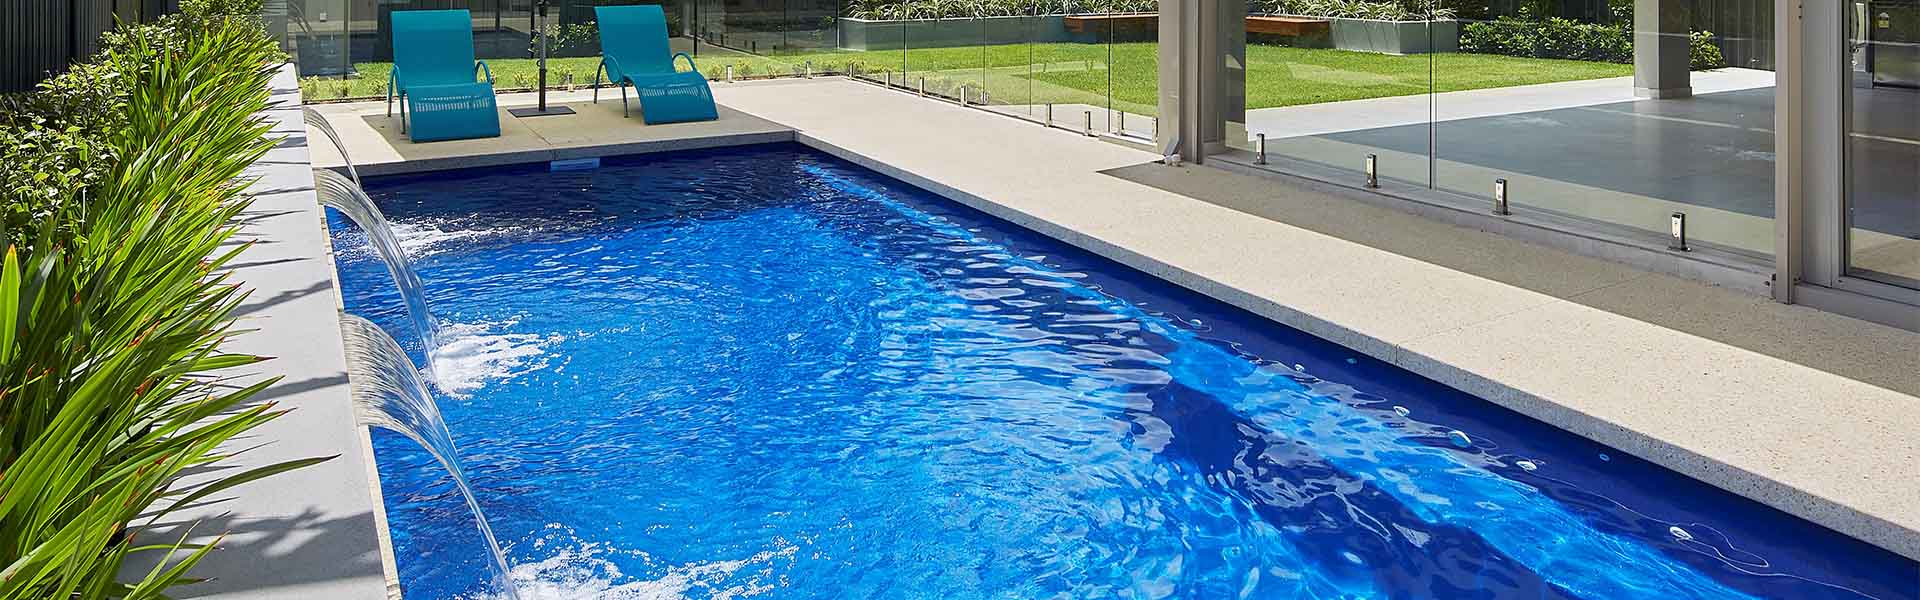 fibreglass-pool-billabong